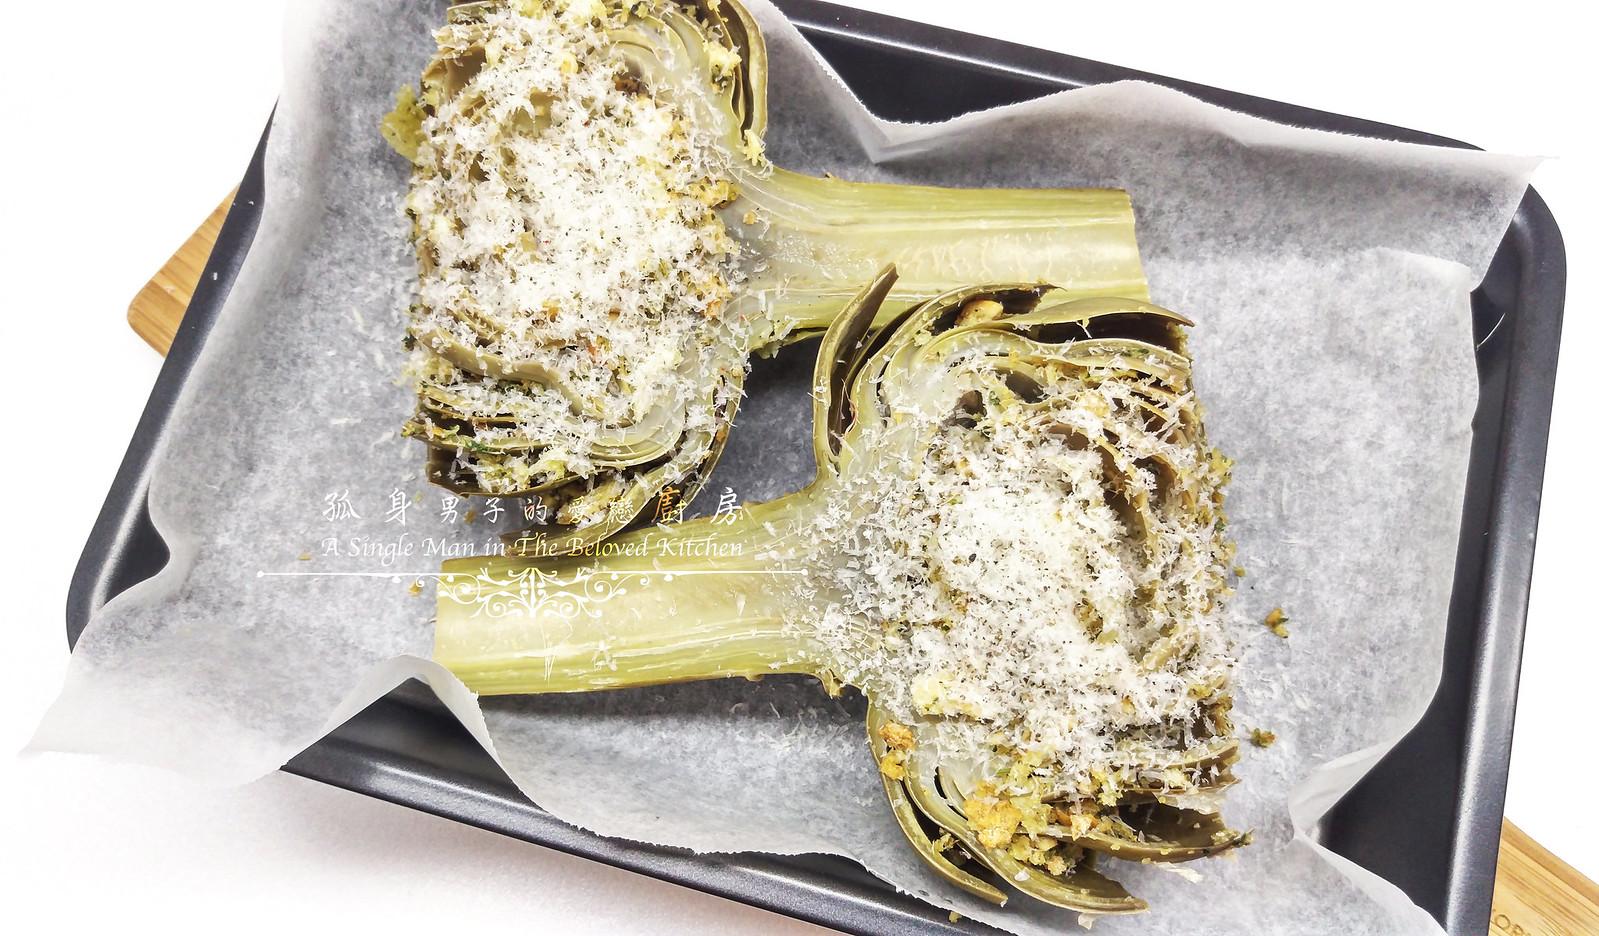 孤身廚房-青醬帕瑪森起司鑲烤朝鮮薊佐簡易油醋蘿蔓沙拉18